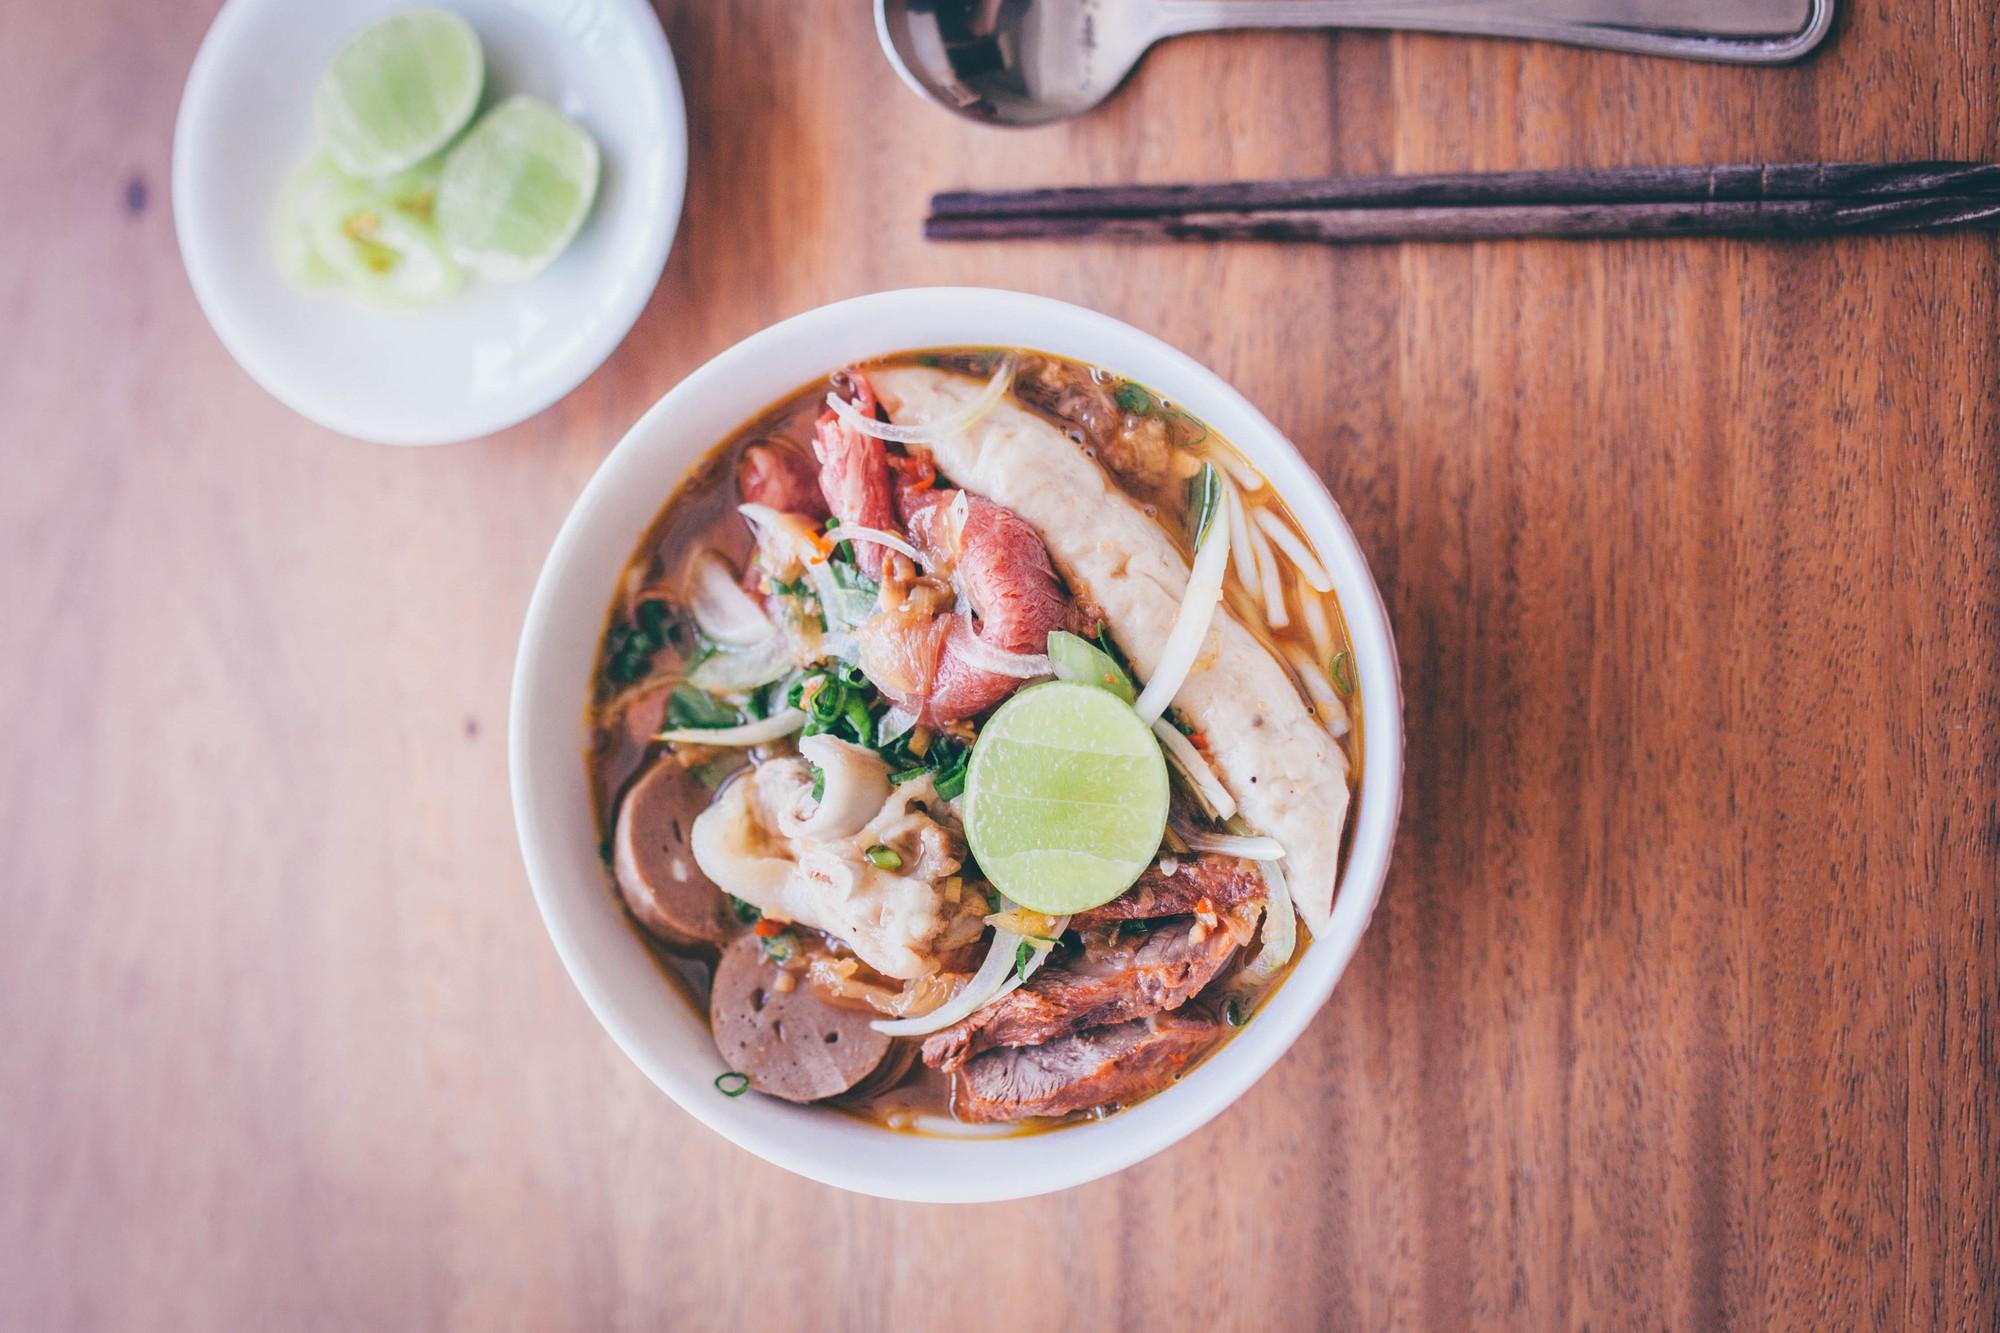 Quán ăn chính gốc Việt Nam hiếm hoi giữa lòng Hong Kong sẽ khiến bạn thích thú khi du lịch đến đây - Ảnh 5.